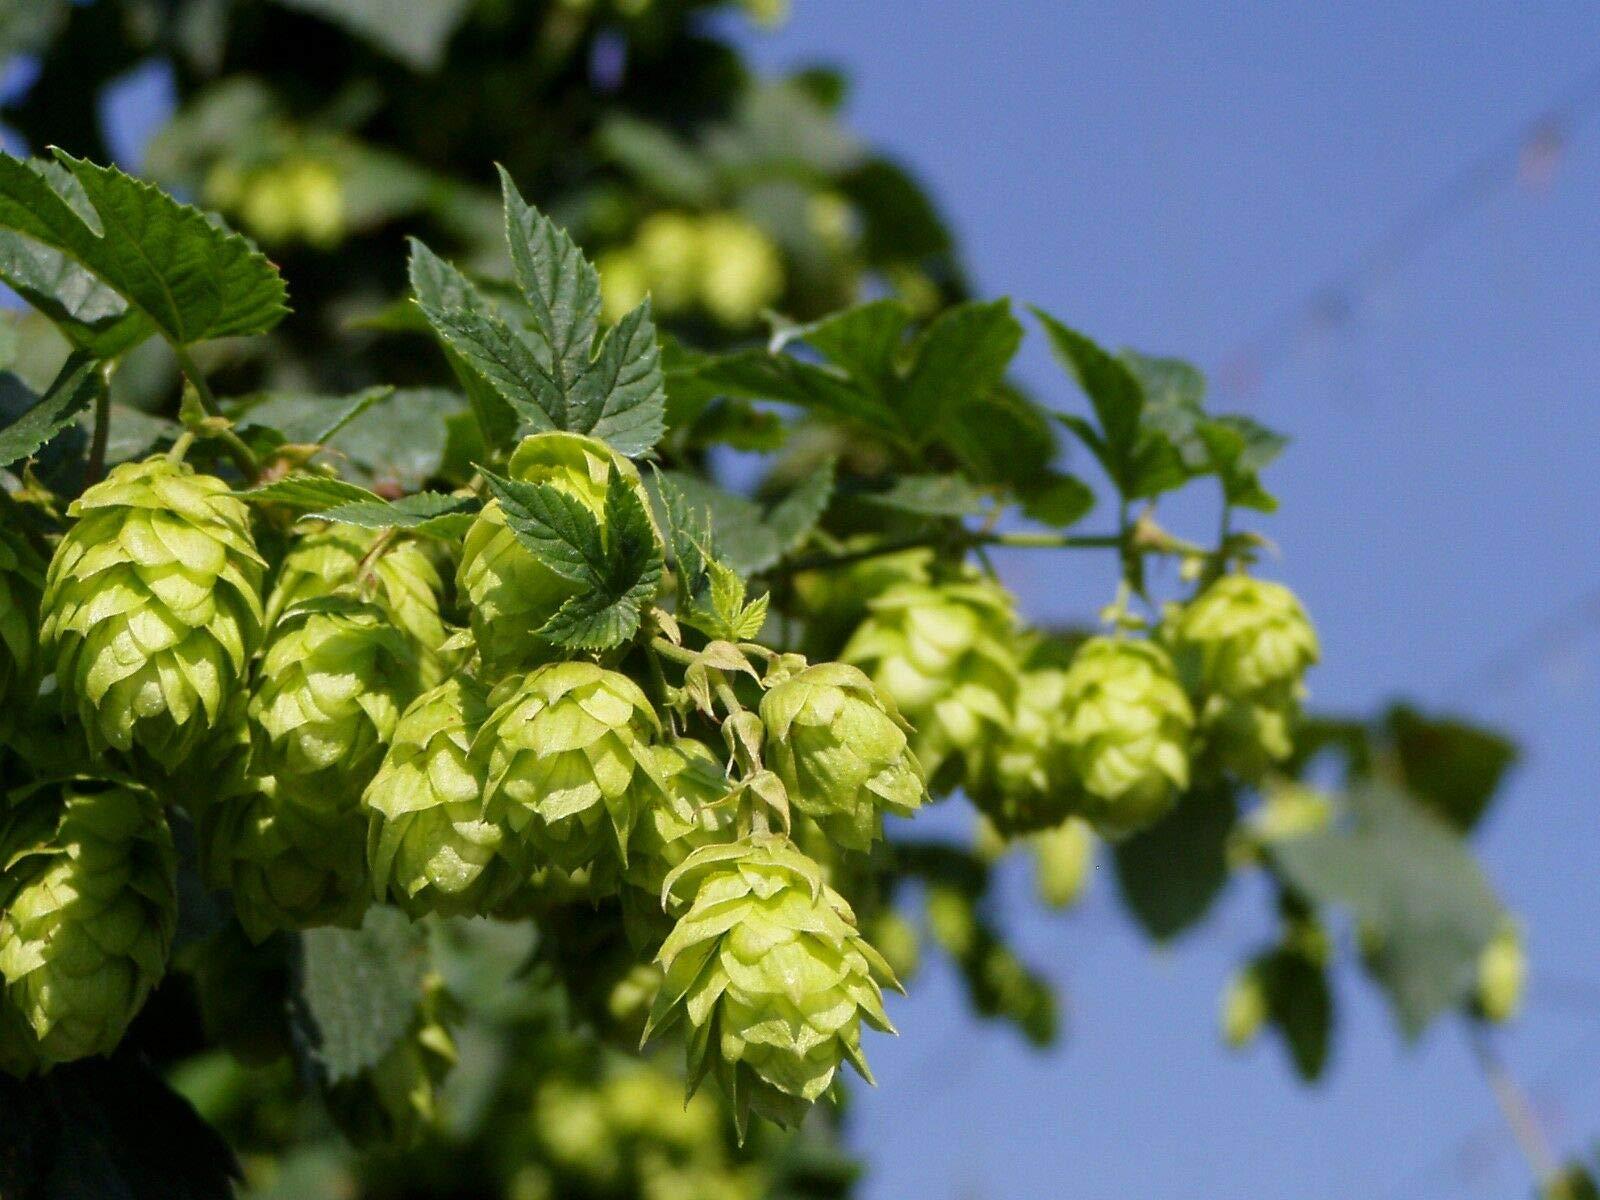 200 Seeds Bulk Hops - Vigorous Climbing Vine - Aroma - Cash Crop - Beer Ingredient